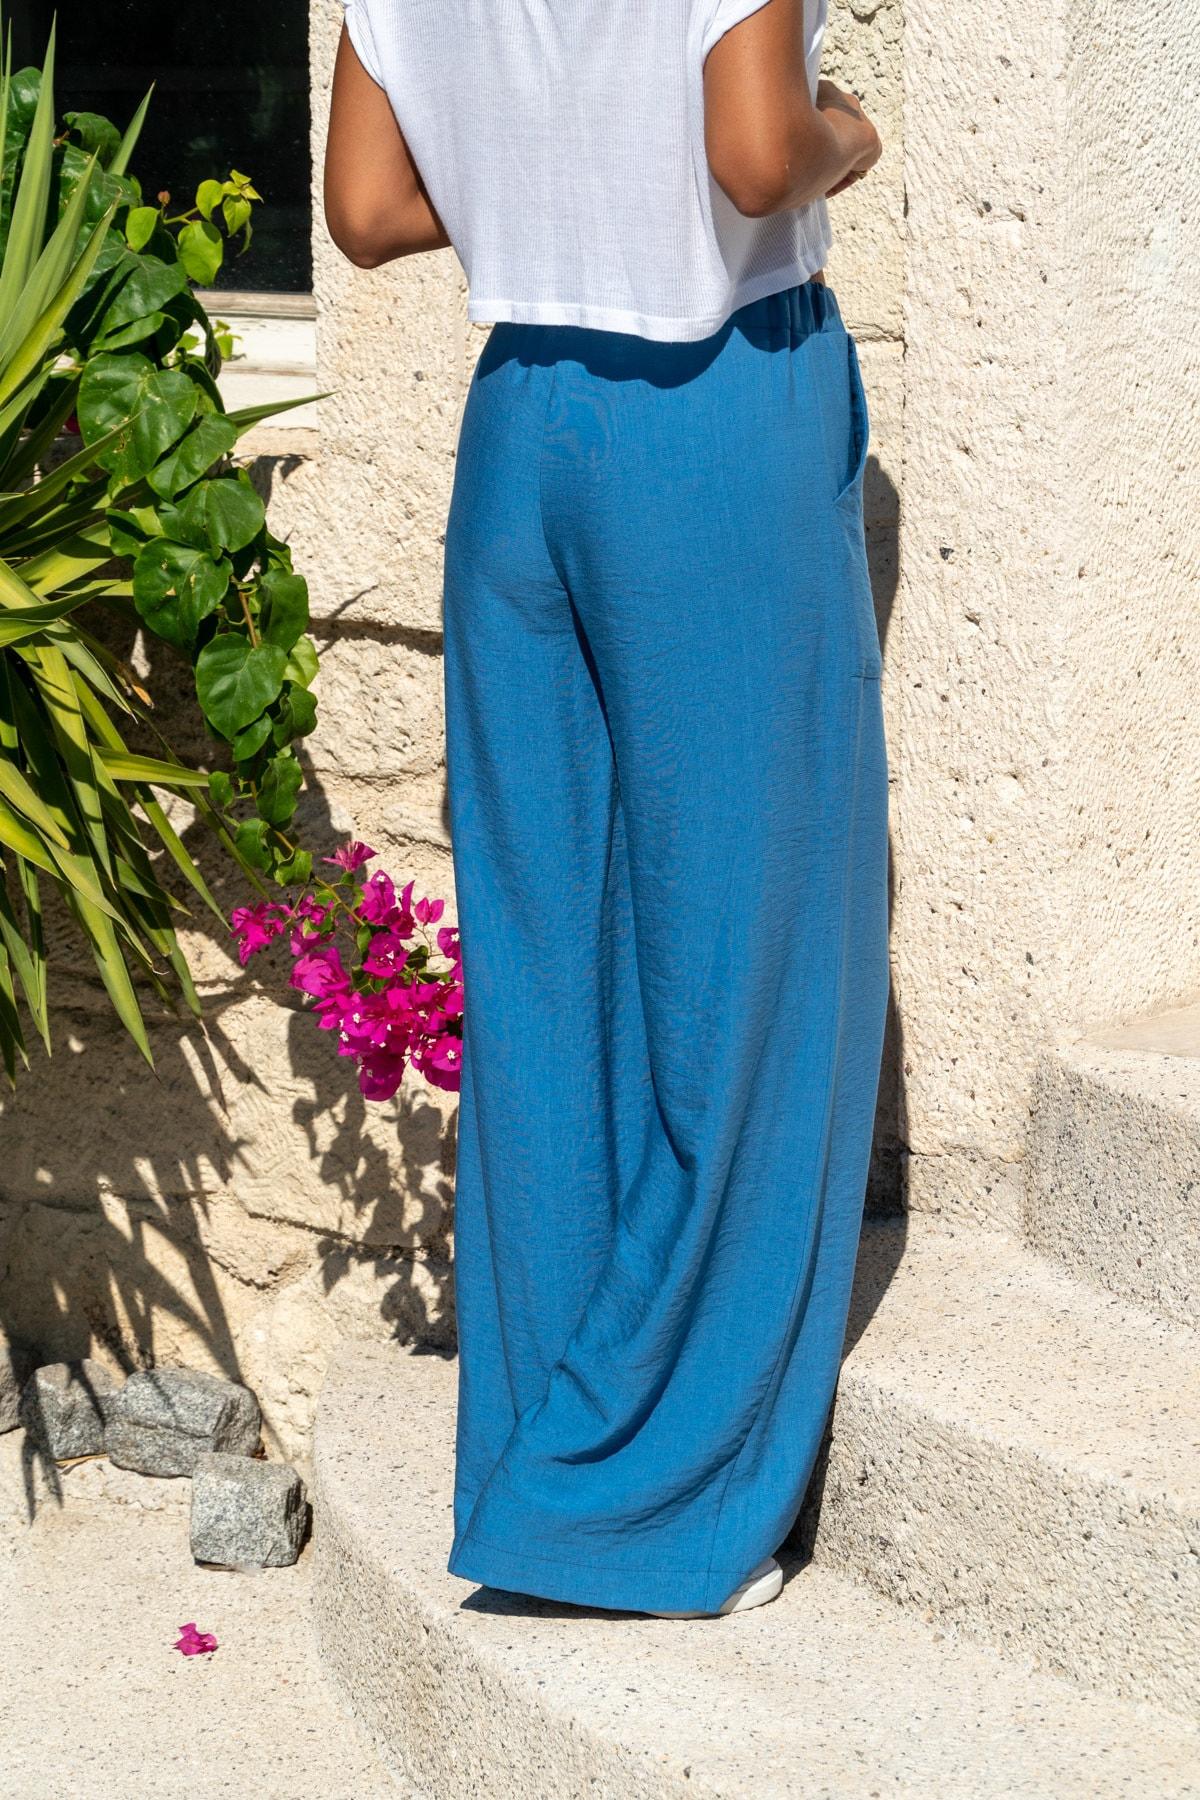 Güneşkızı Kadın İndigo Keten Beli Lastikli Salaş Pantolon GK-BST2933 2